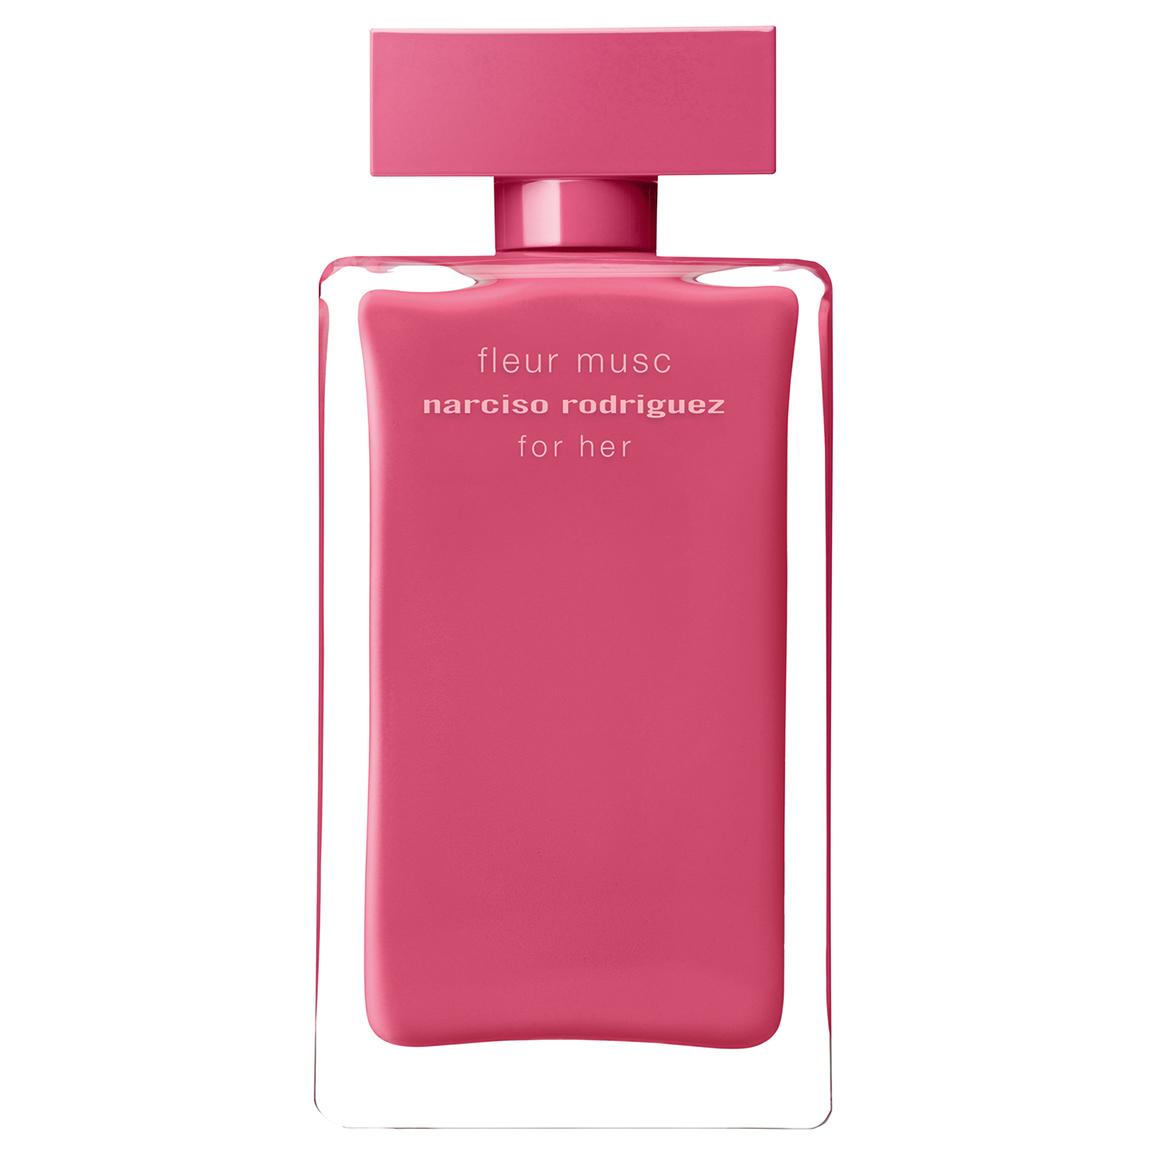 Eau de Parfum For Her Fleur Musc - NARCISO RODRIGUEZ